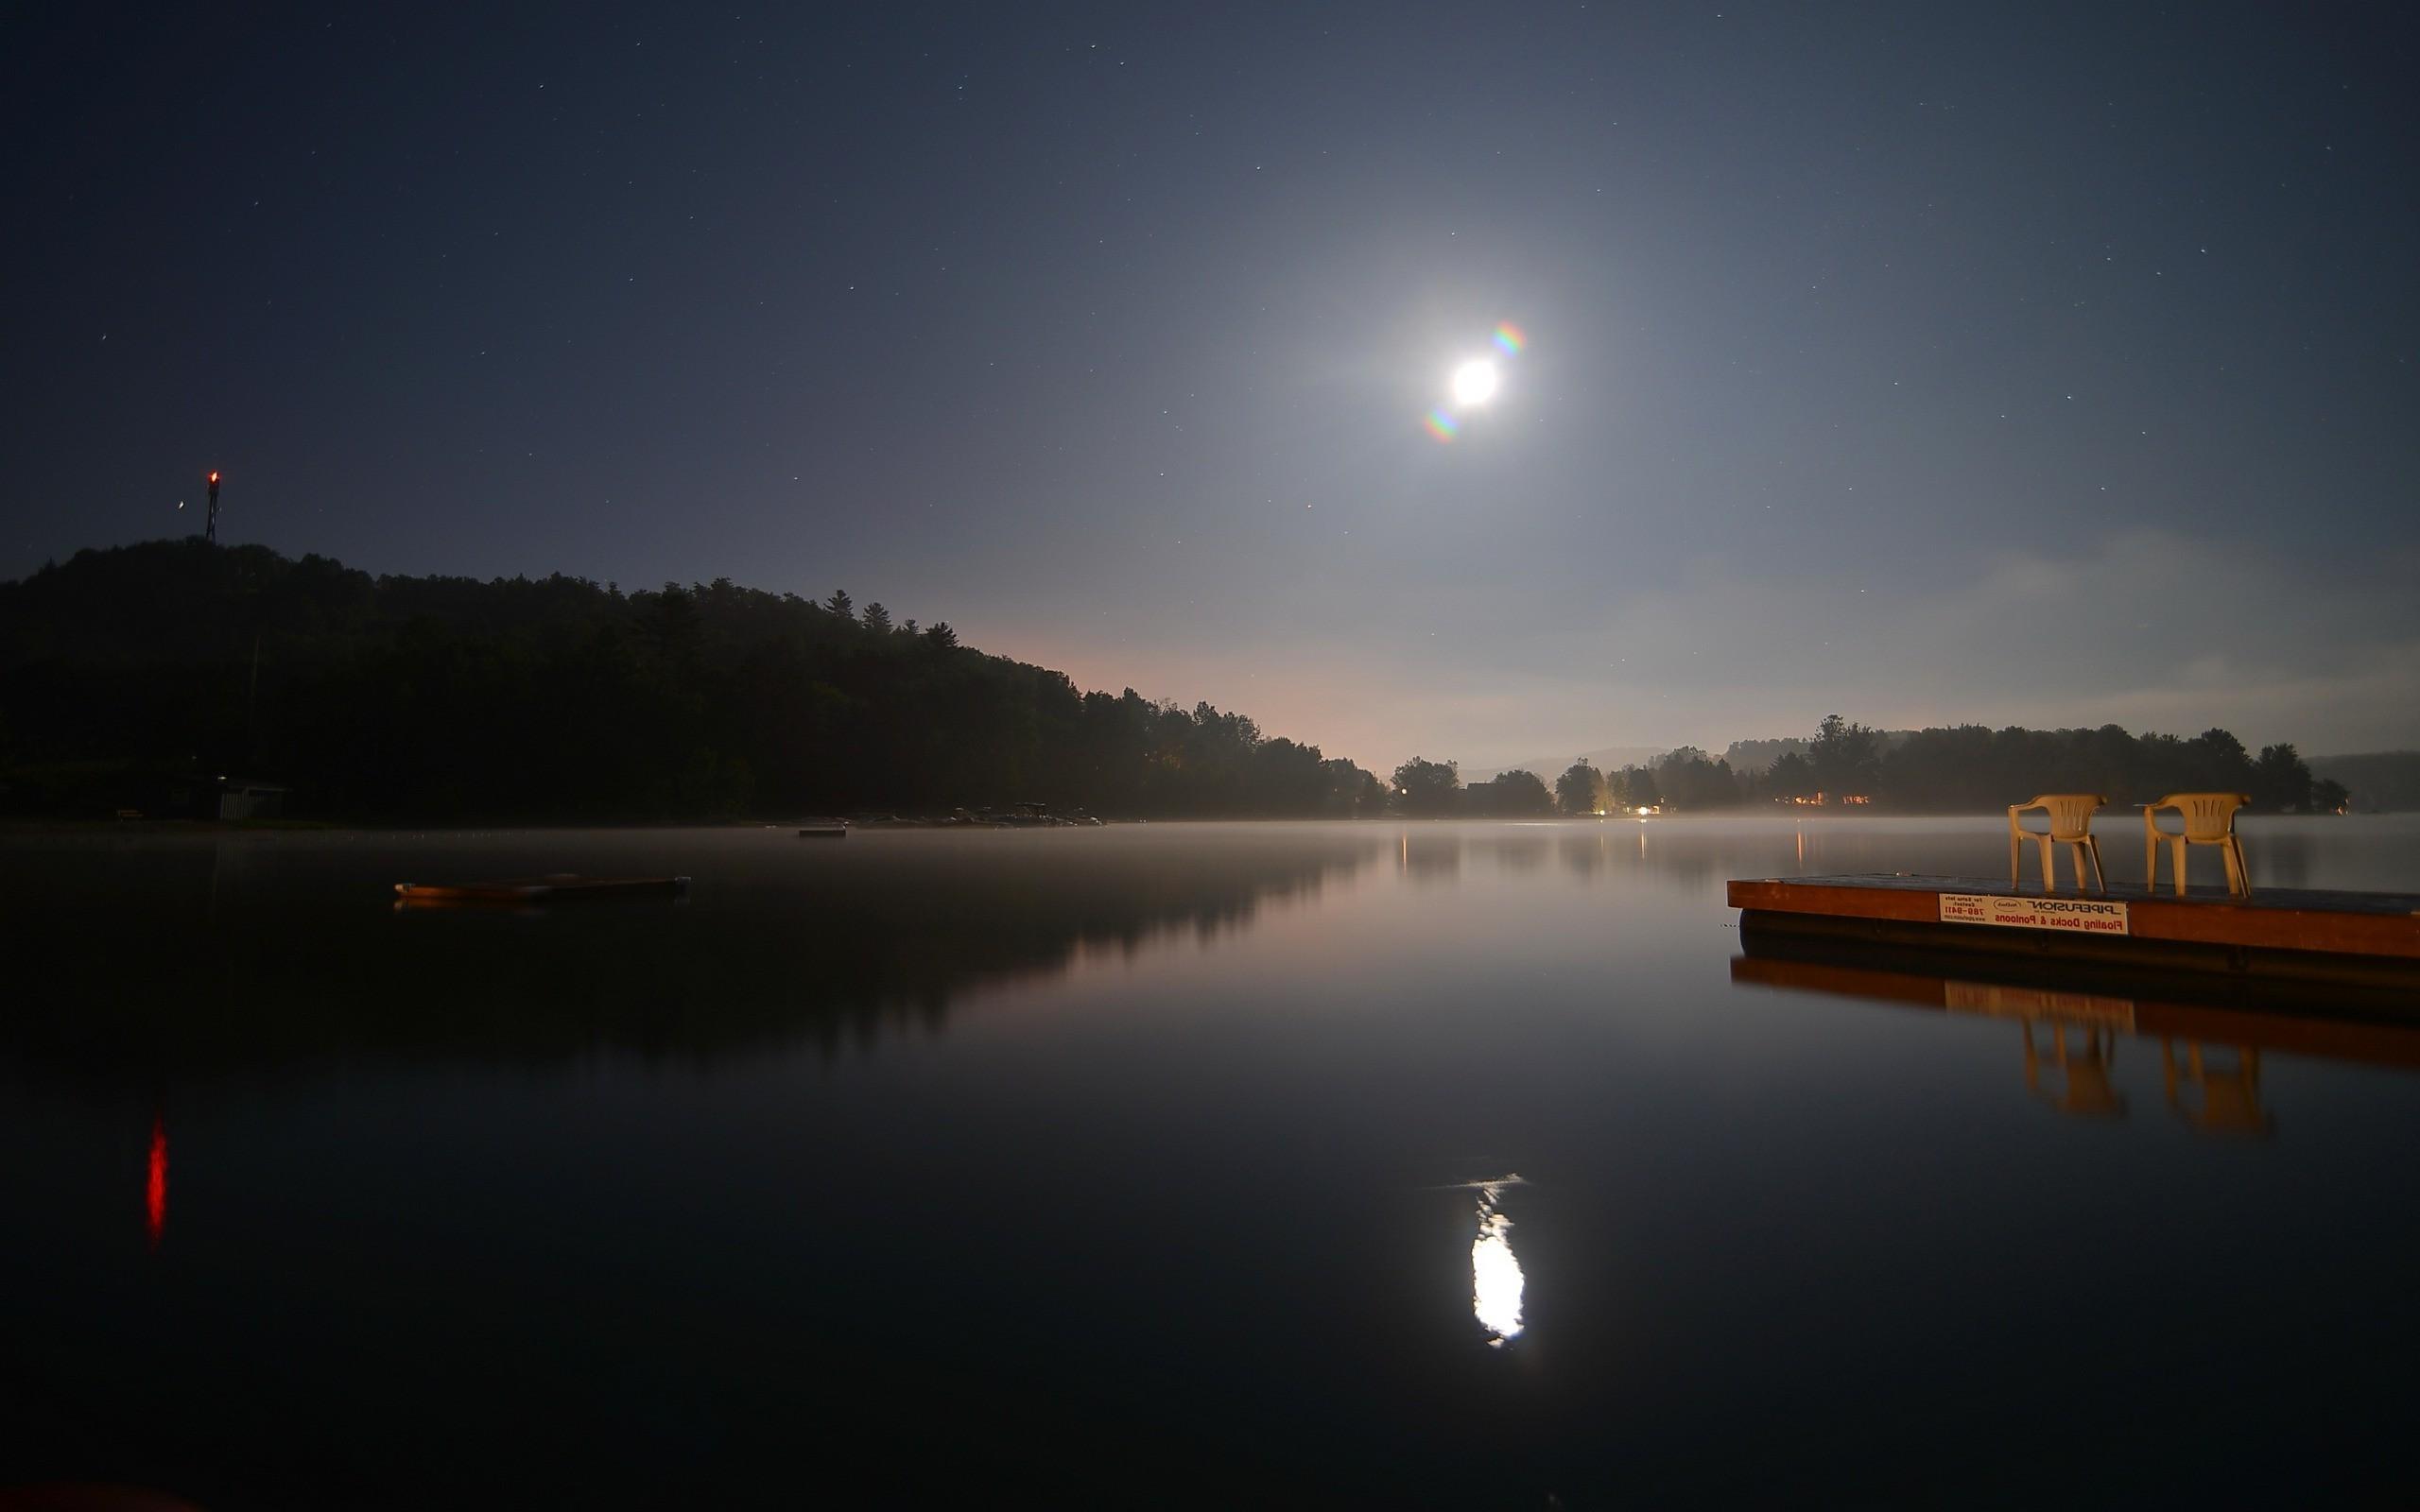 картинка ночной берег озера вам фото